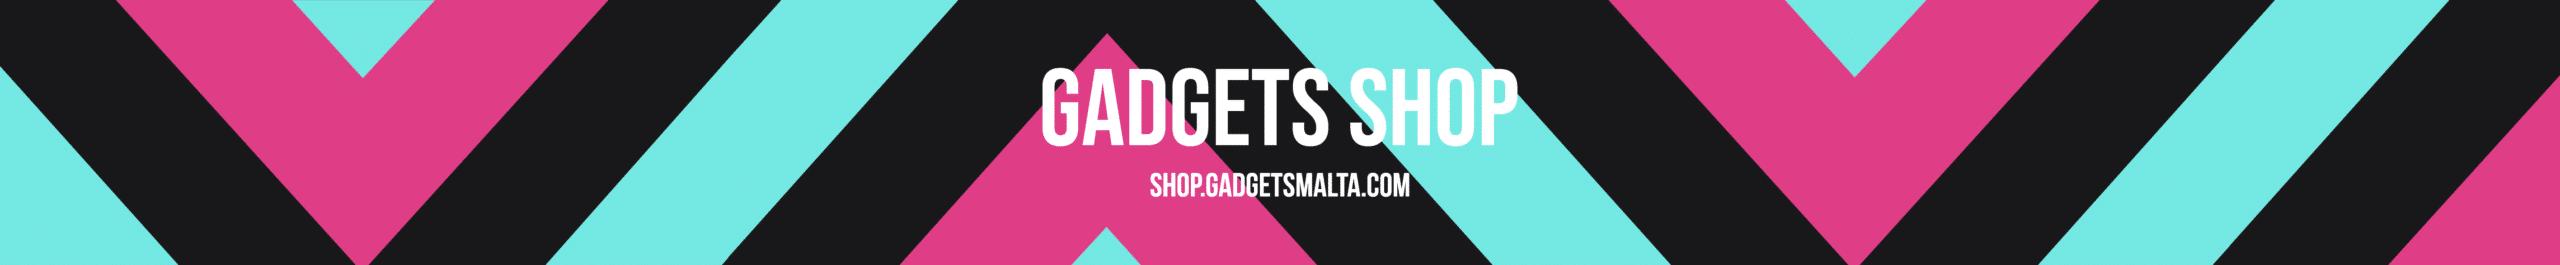 Gadgets Shop Web Banner Launch